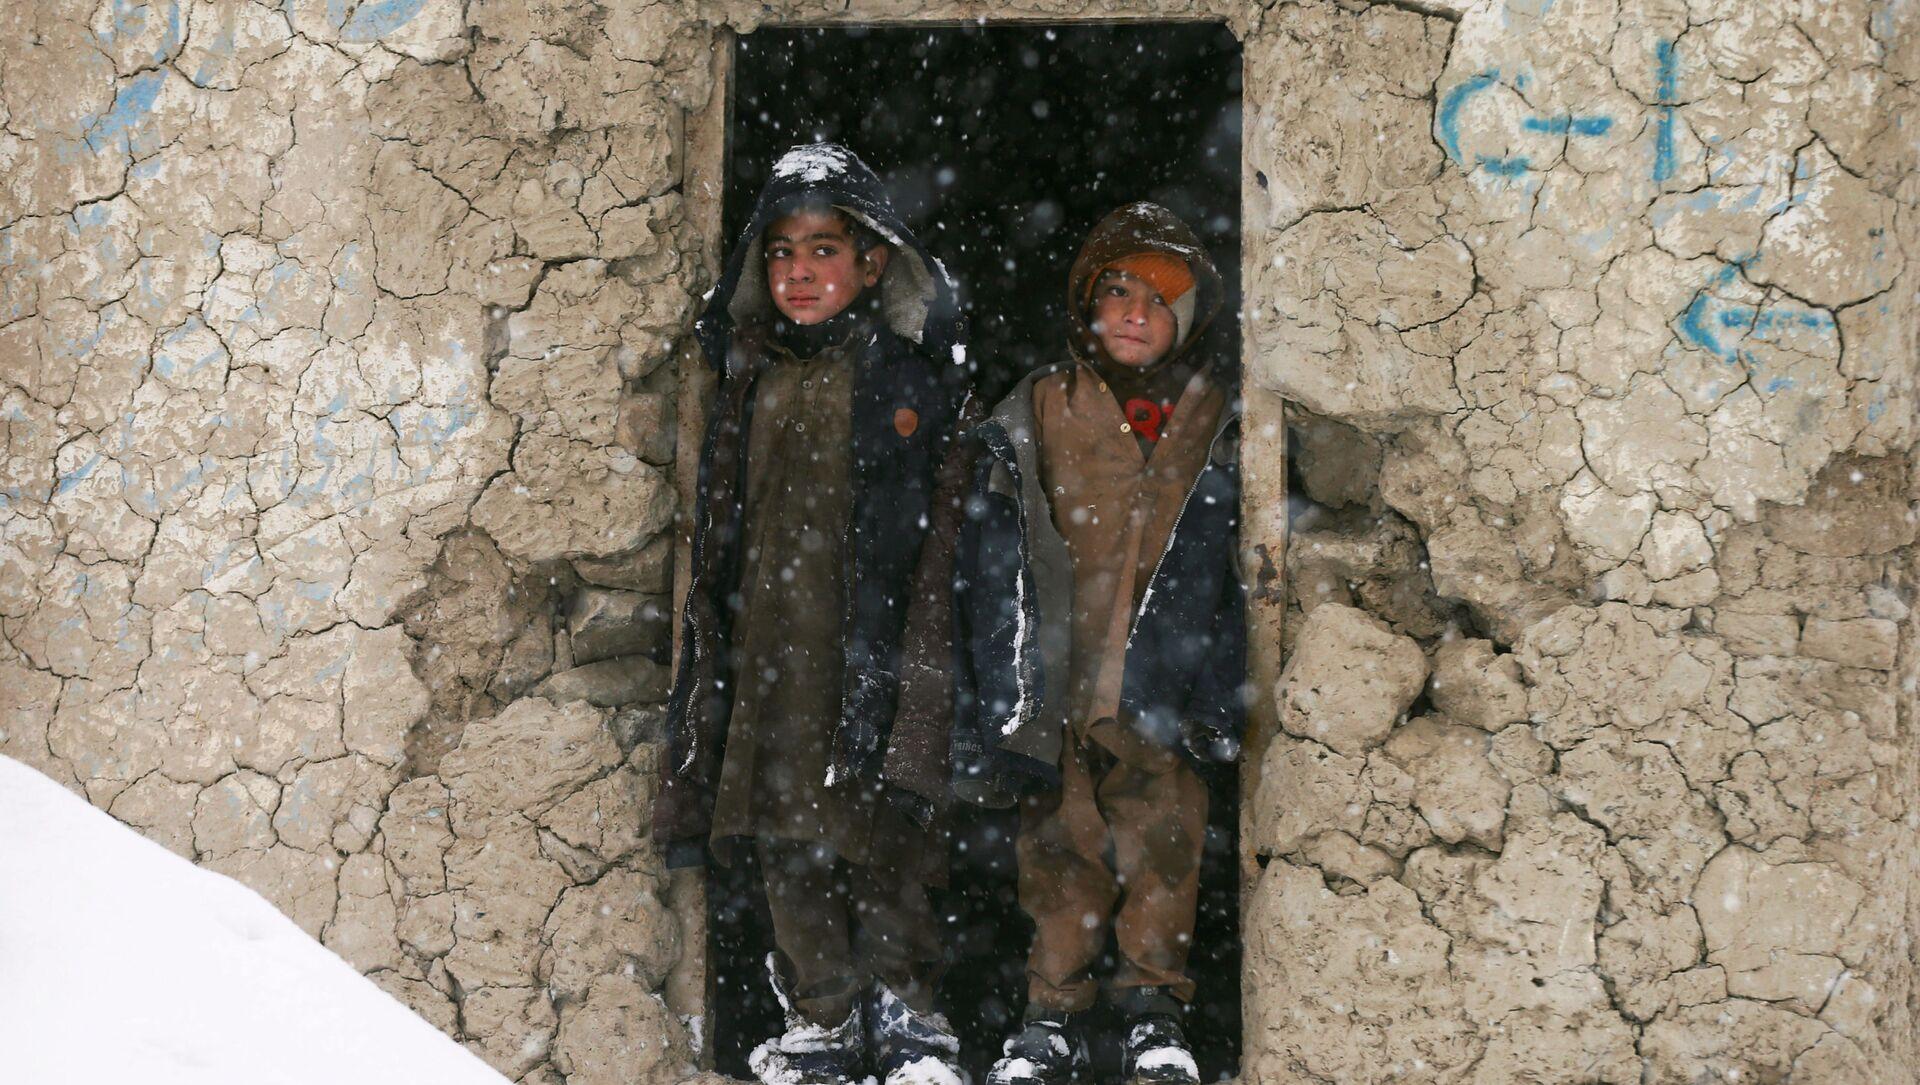 Děti v Kábulu, Afghánistán - Sputnik Česká republika, 1920, 14.02.2021